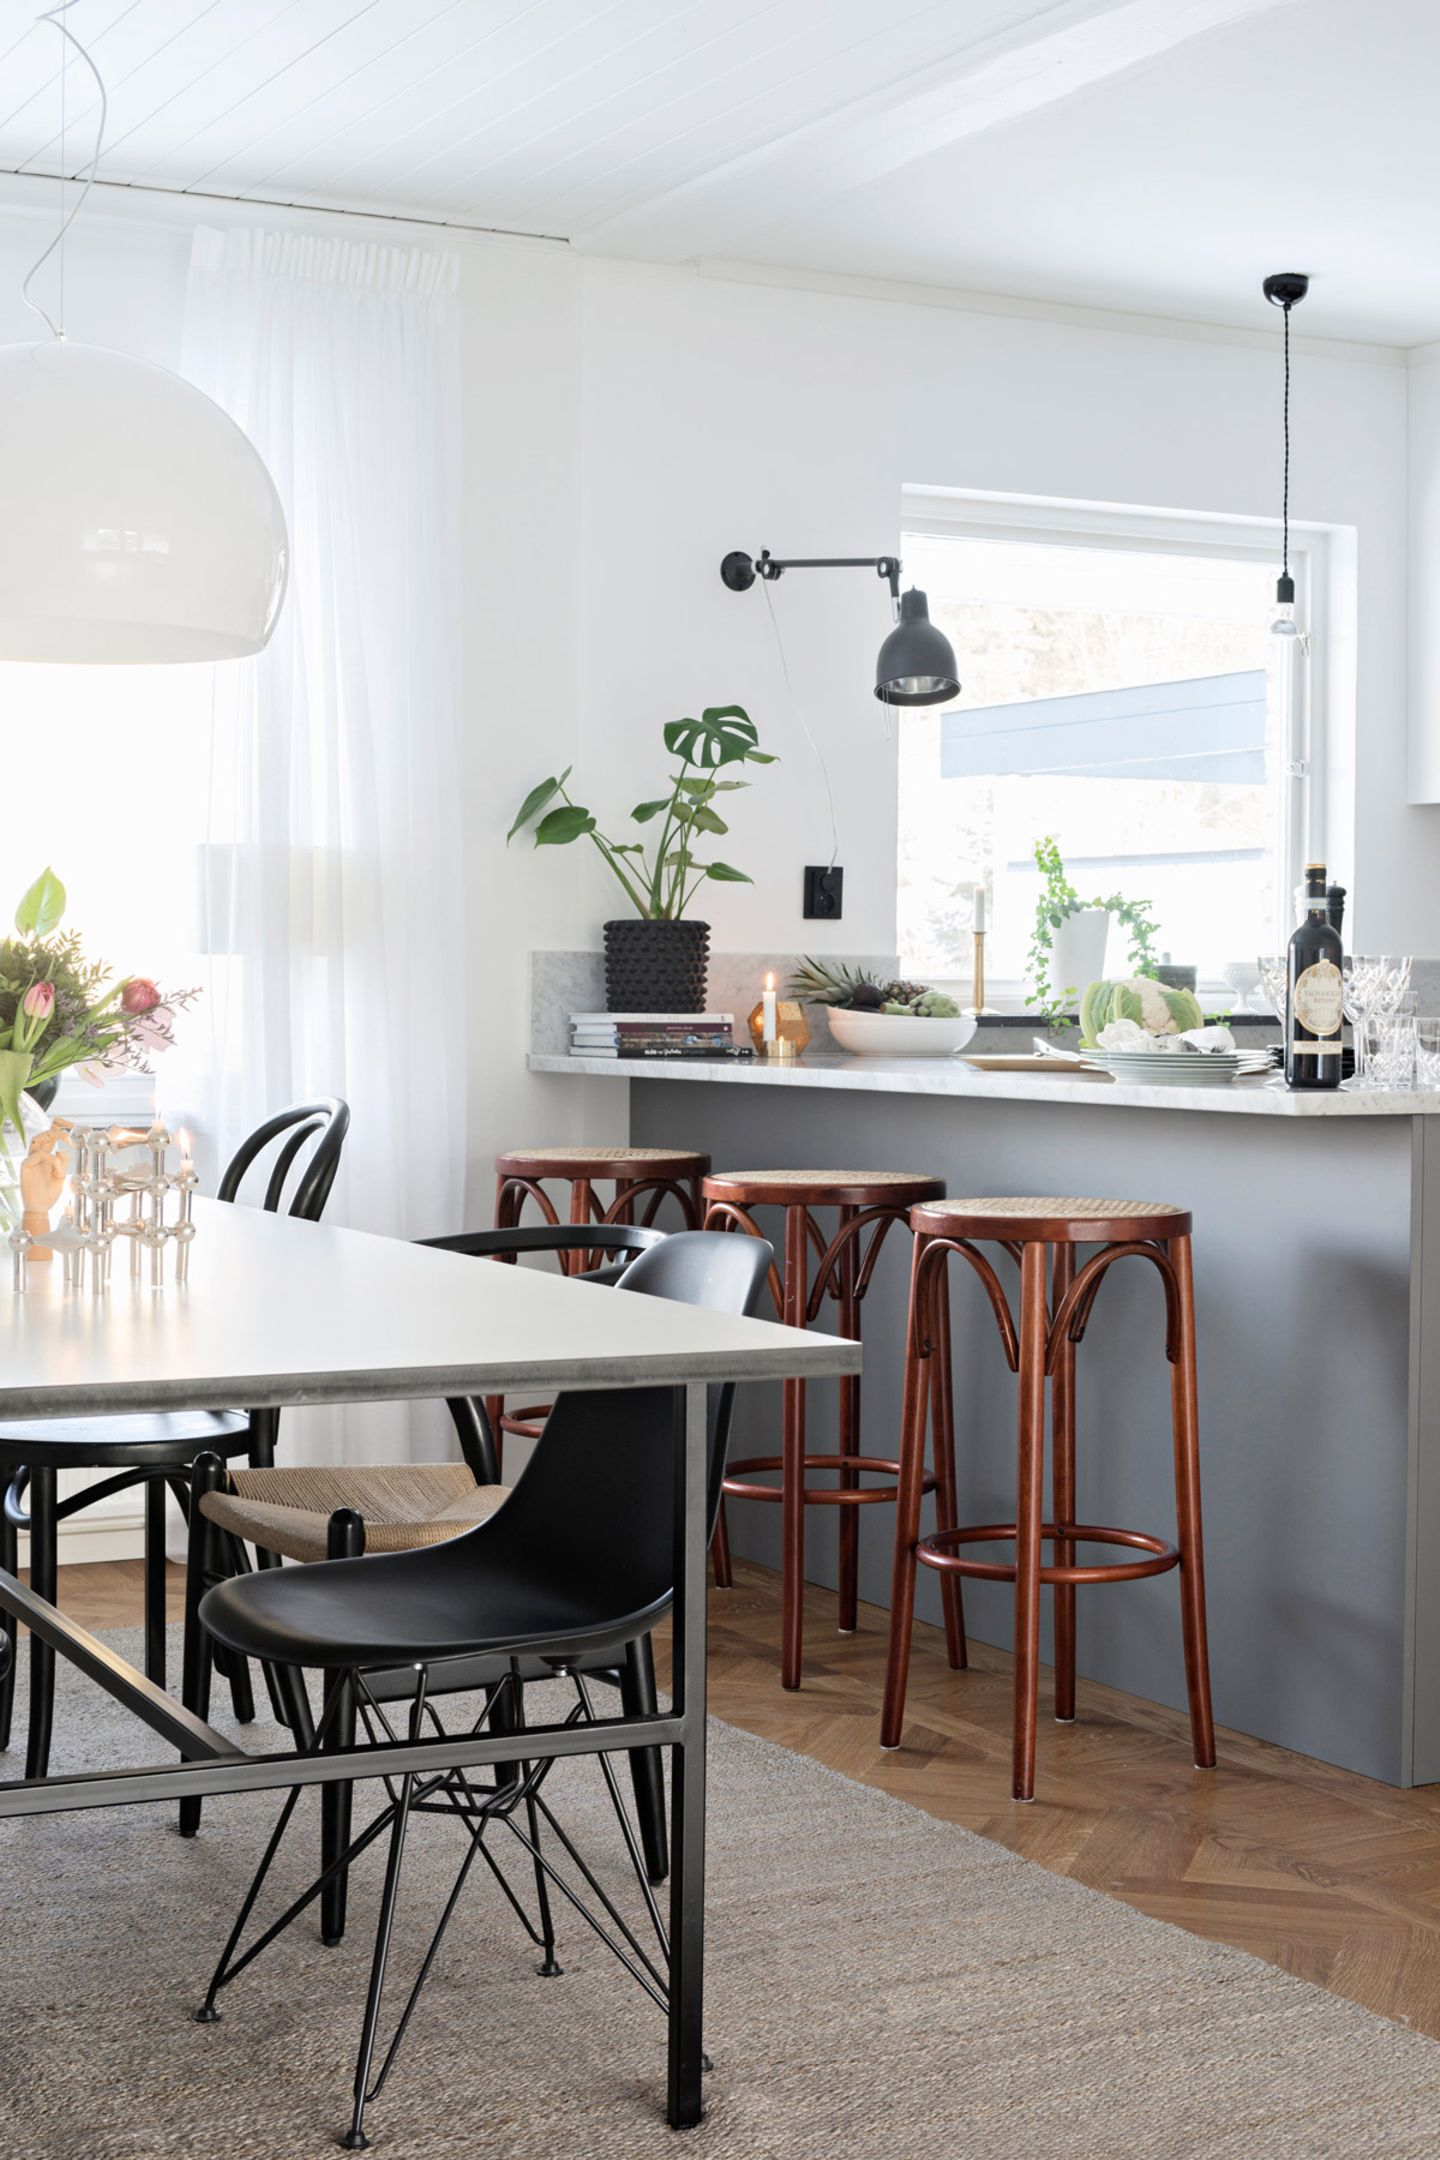 Grauer Küchentresen mit Barhockern